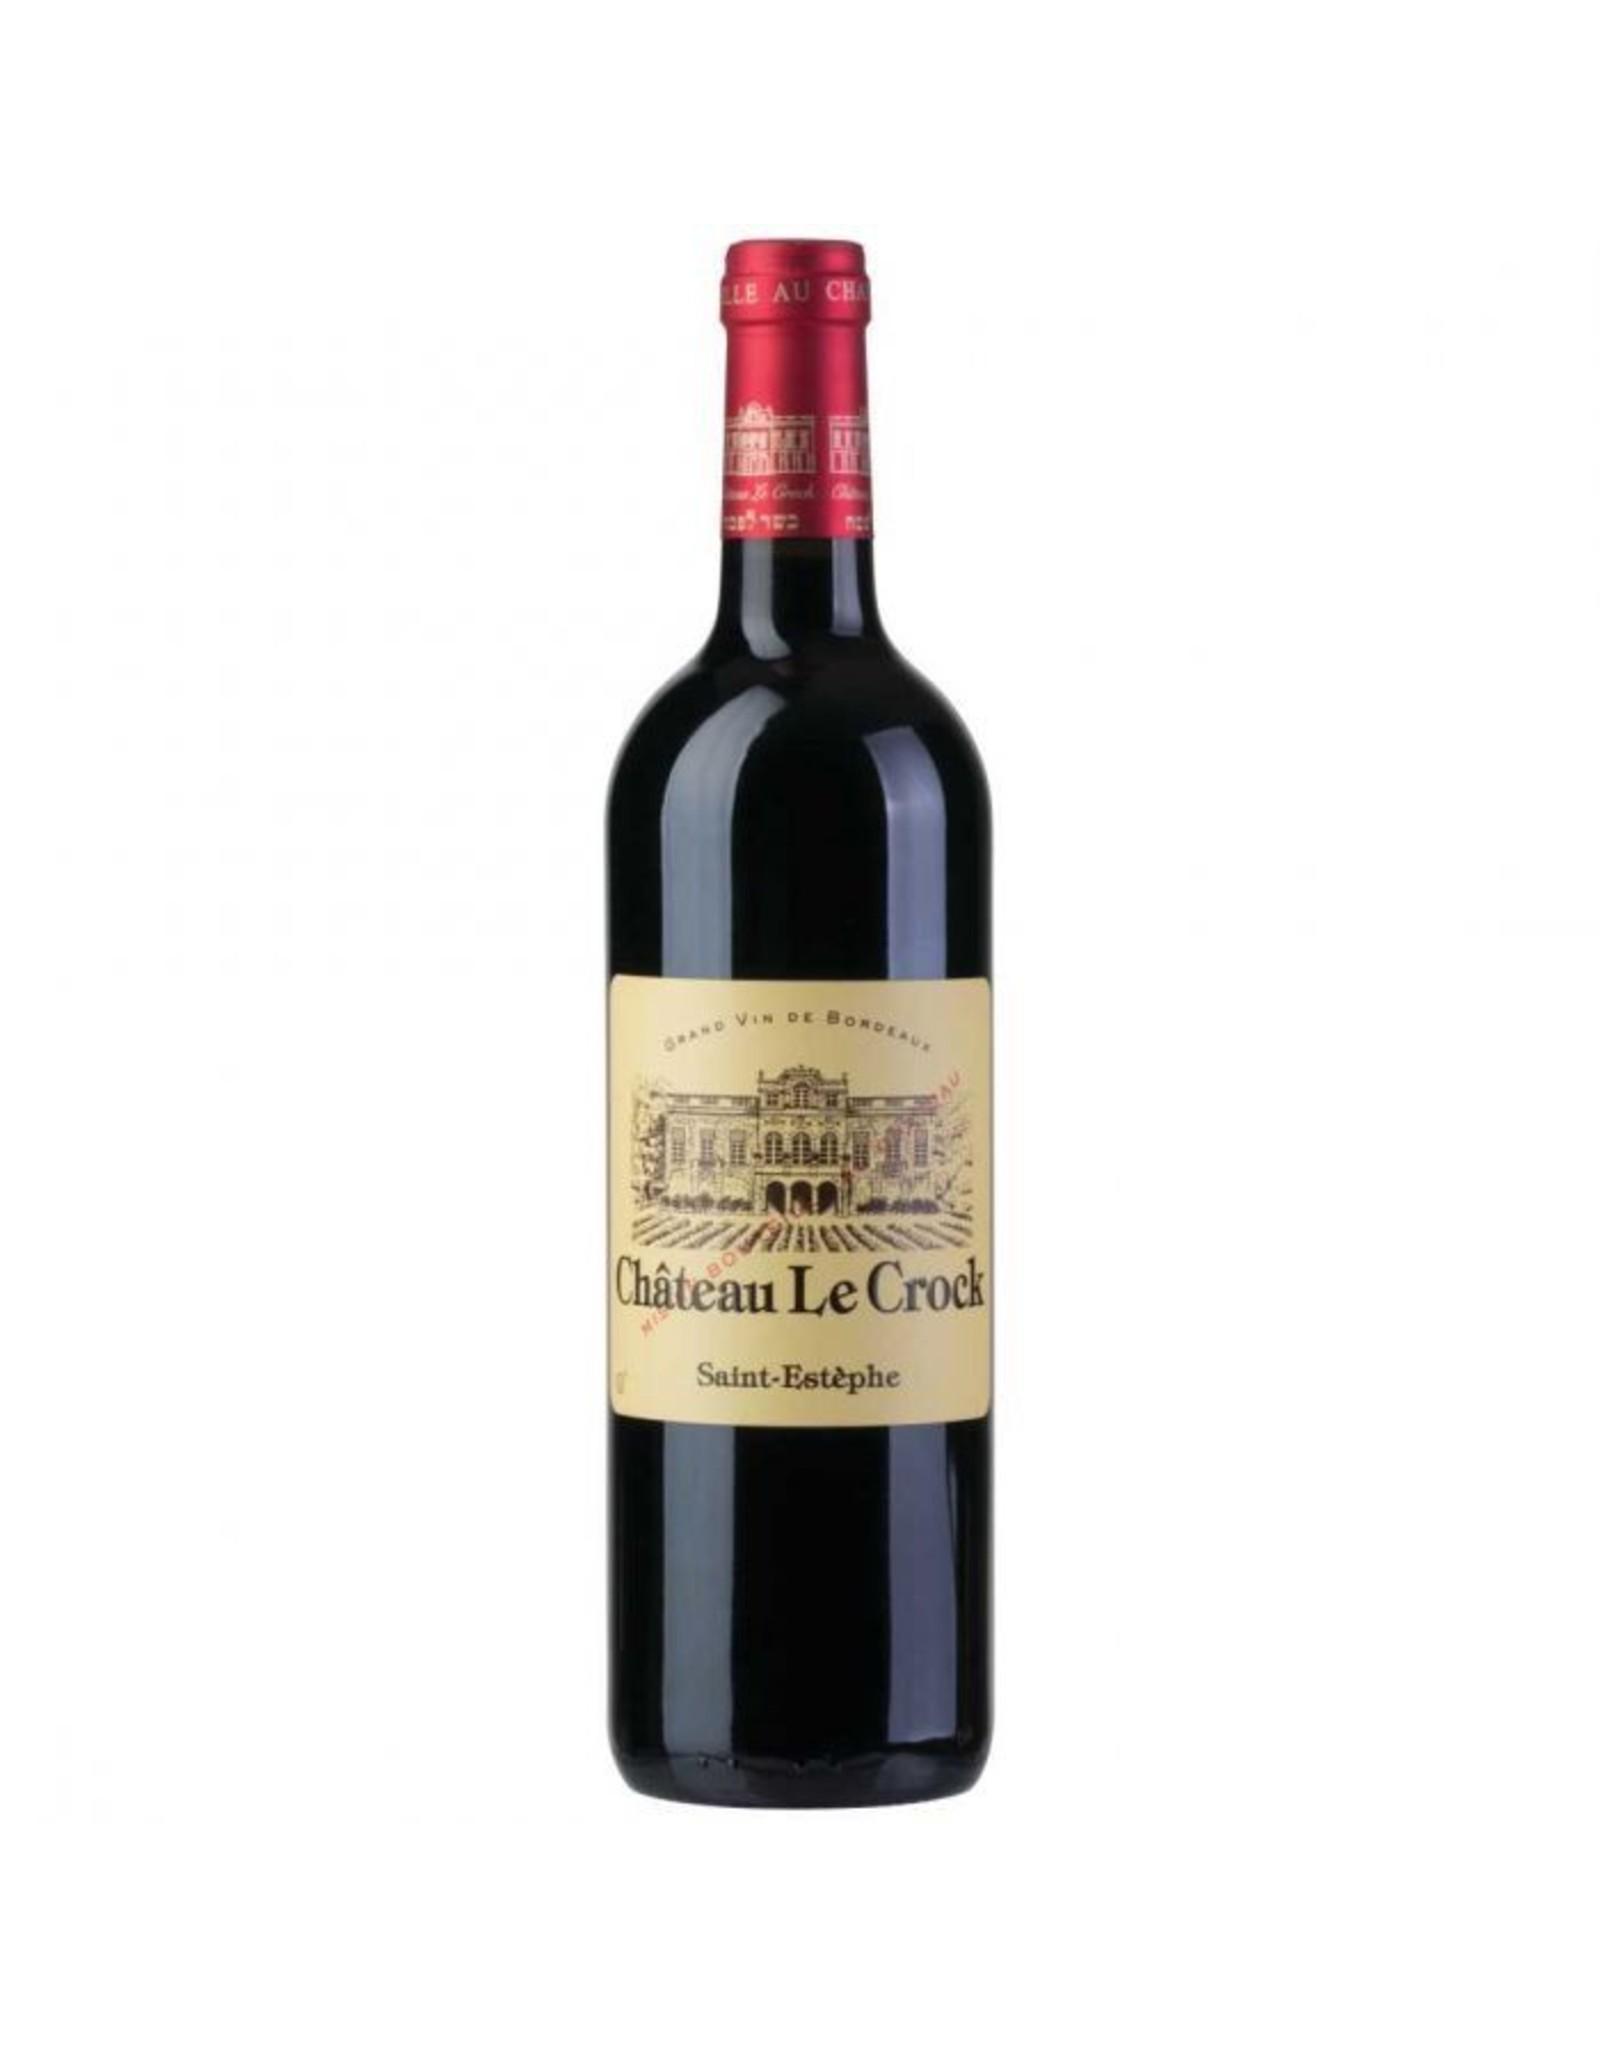 Red Wine 2016, Chateau LeCrock, Red Bordeaux Blend, Saint-Estephe, Bordeaux, France, 14% Alc, CT92